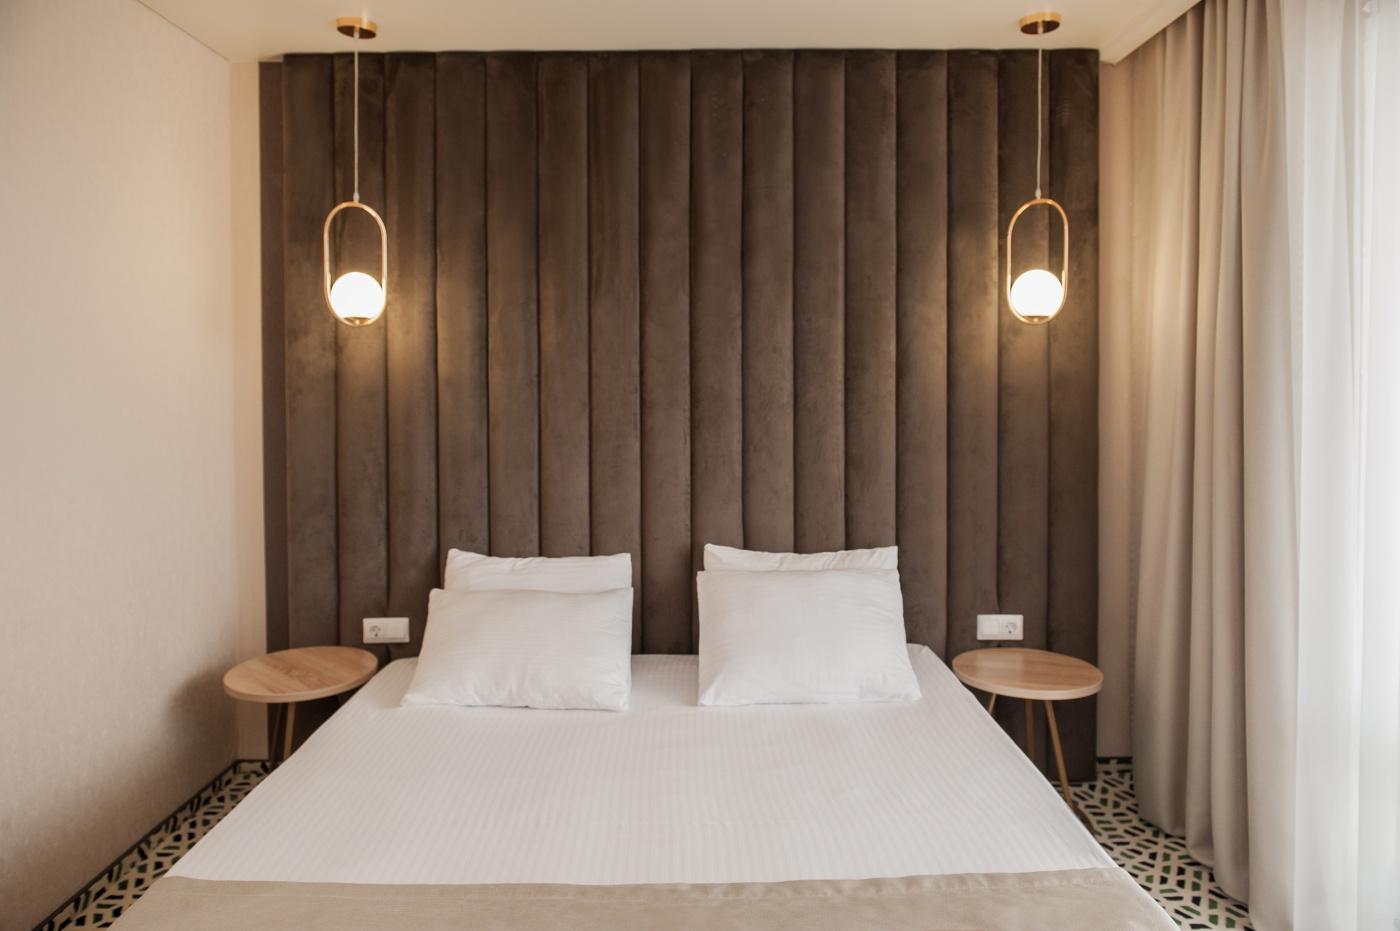 Отель «Aurum Family Resort & Spa» Краснодарский край Apartments 2-местный 3-комнатный, фото 1